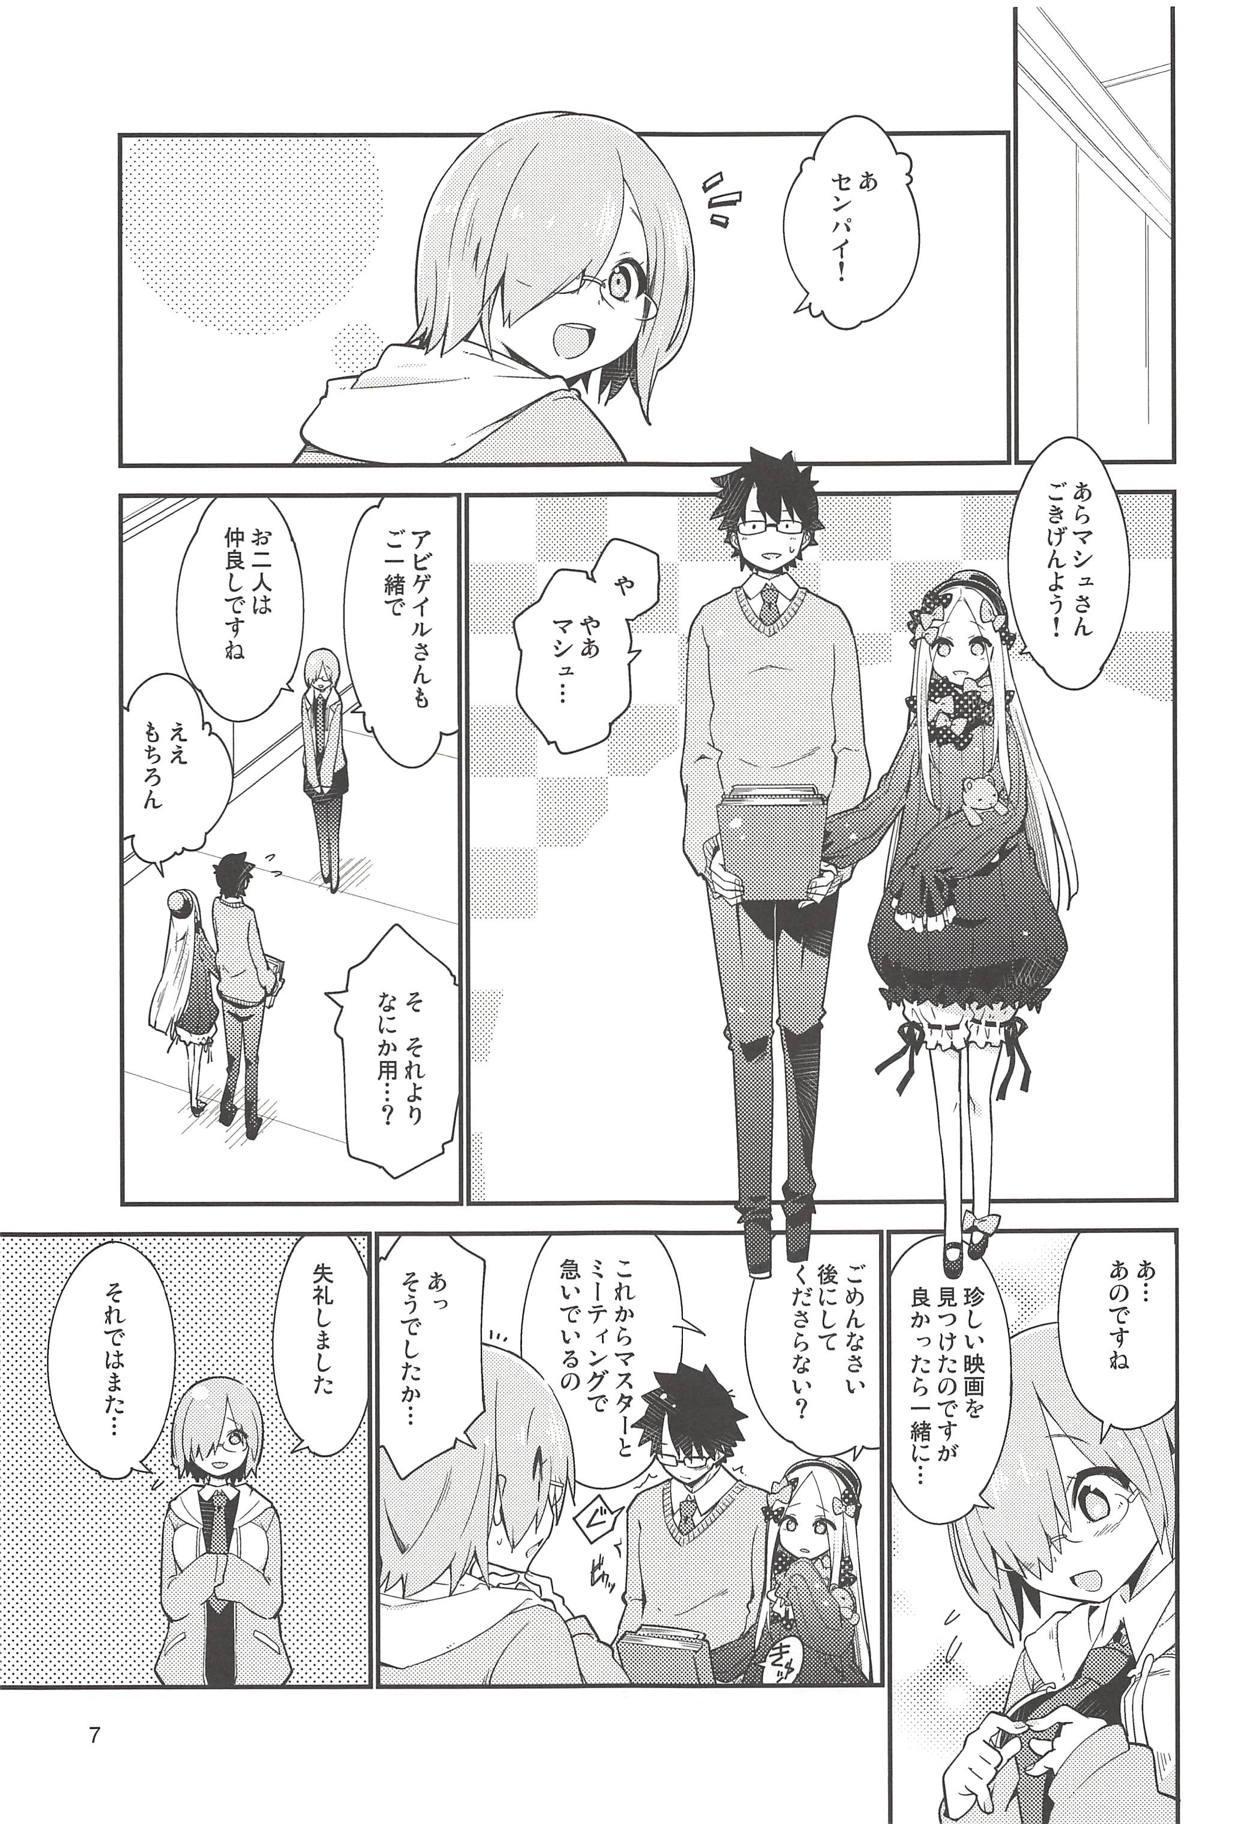 Hoshi no Furu Yo no Sono Ato de... 5